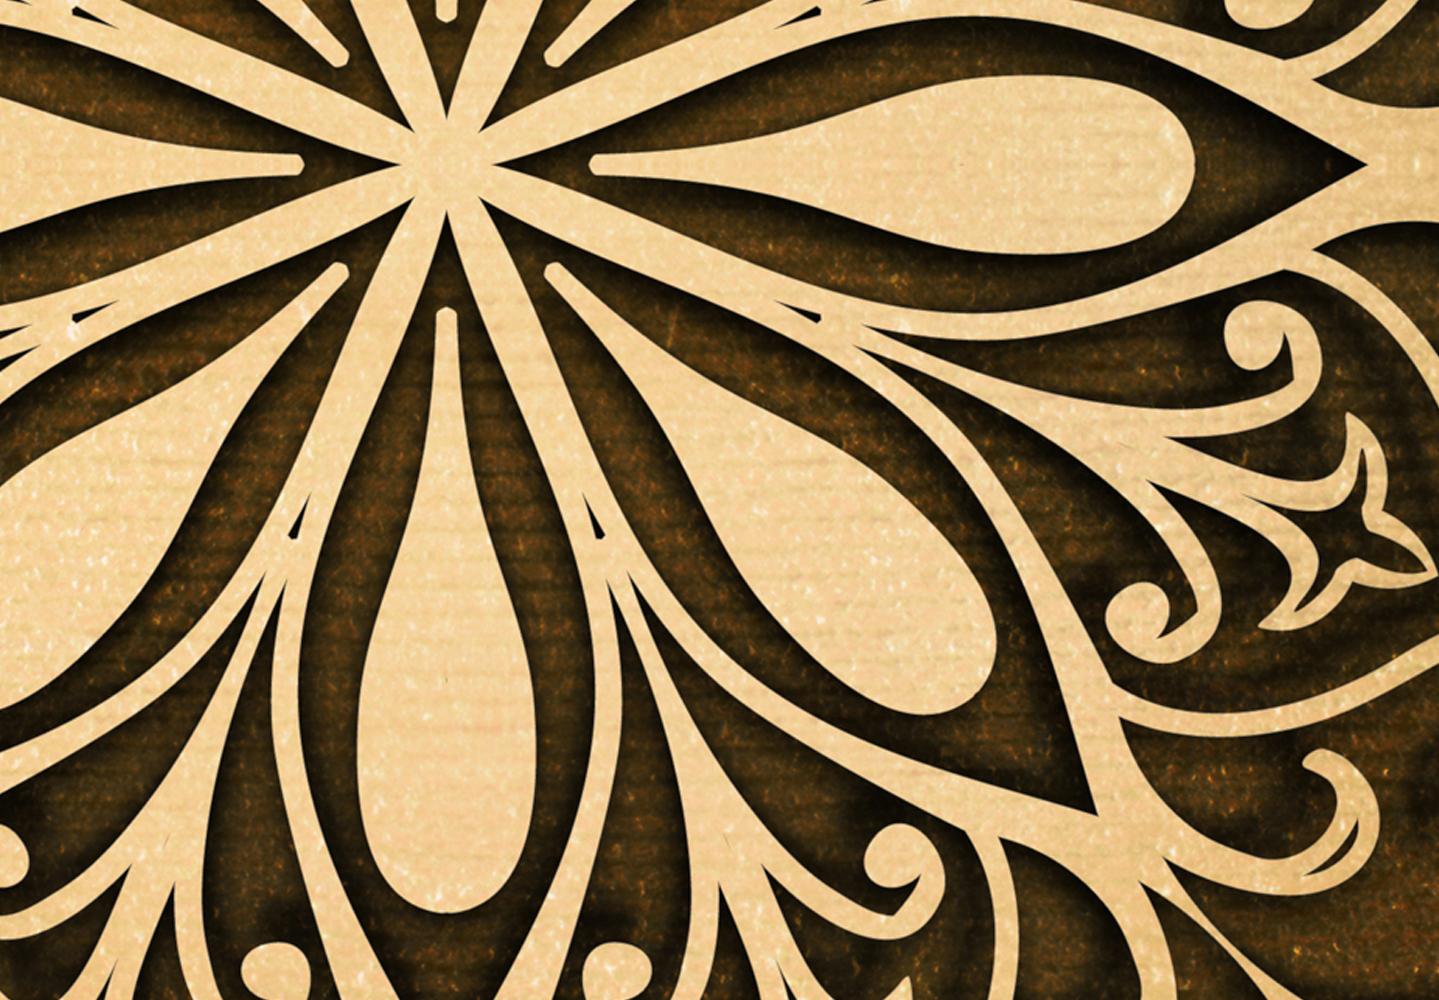 mandala abstrakte ornamente wandbilder xxl bilder vlies